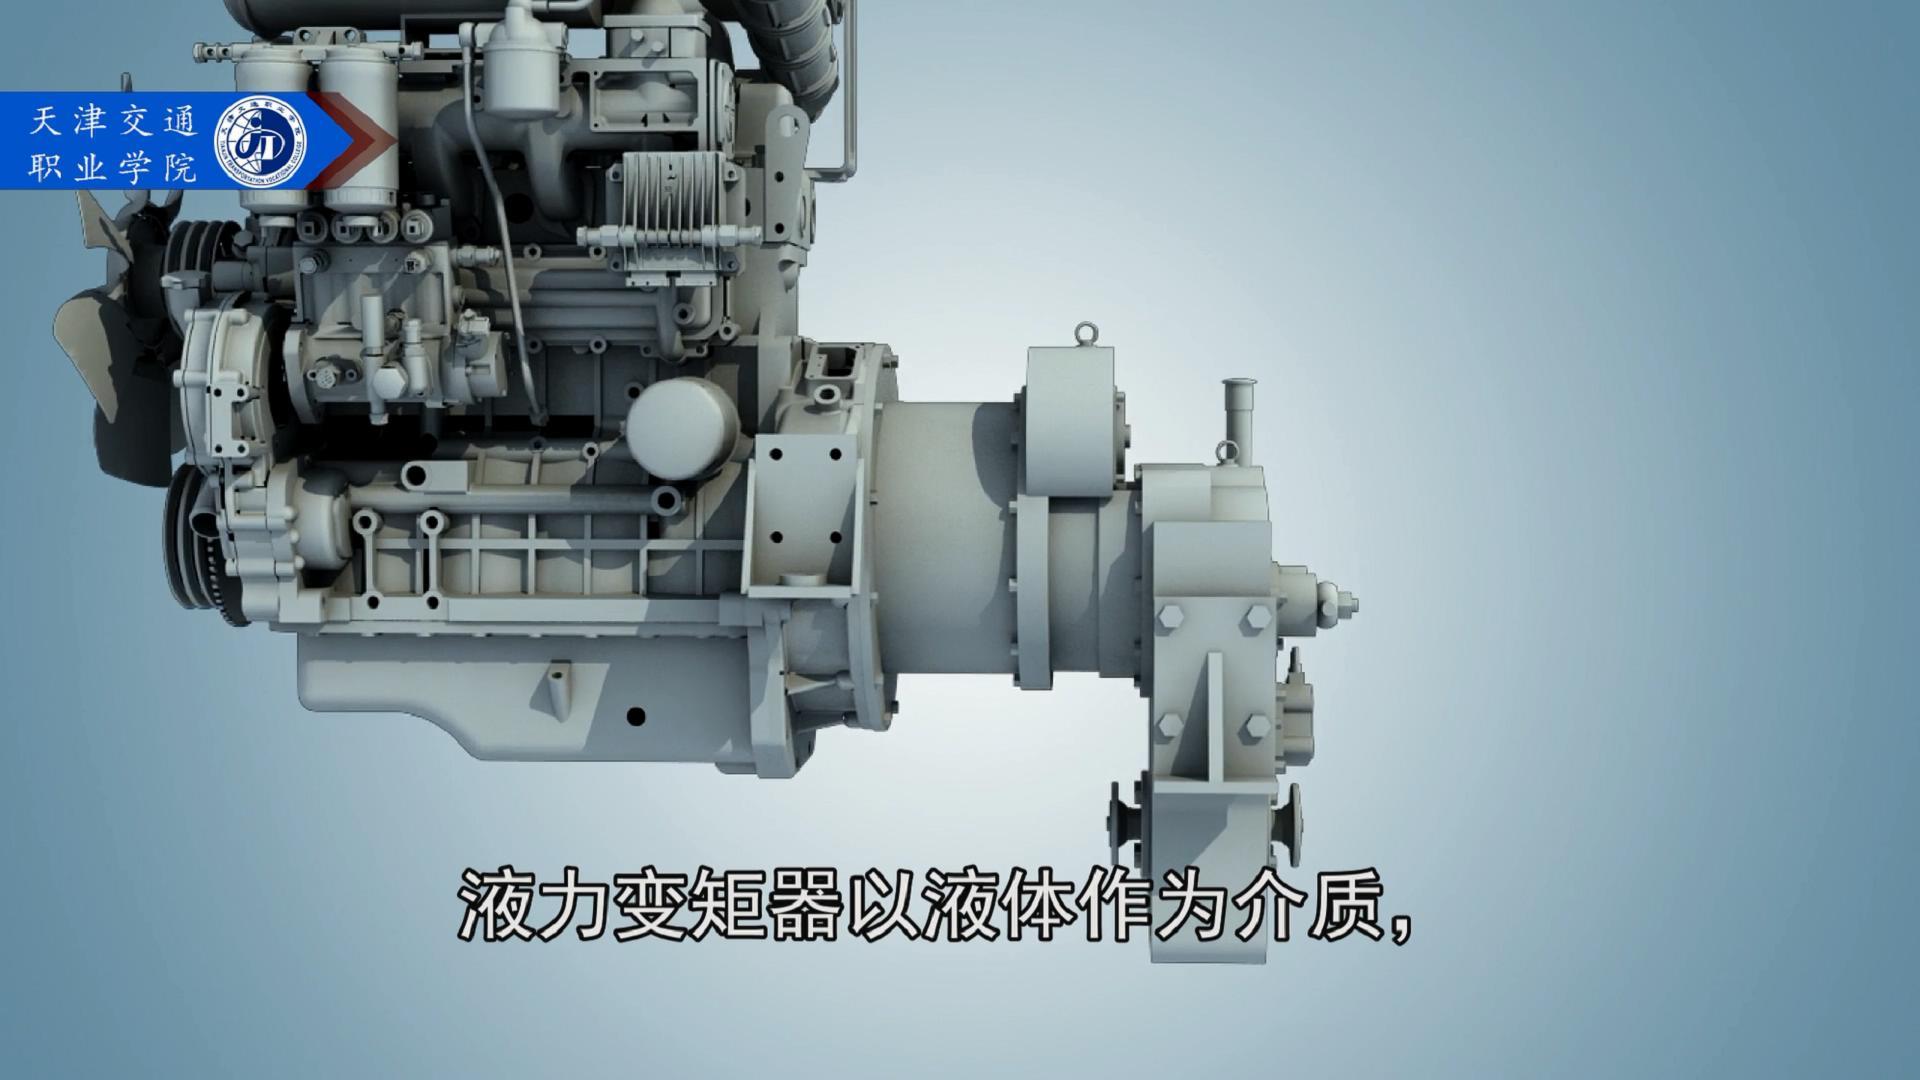 徐州高水平的虚拟矿山厂矿动画设计公司-迅捷的挖掘机施工动画